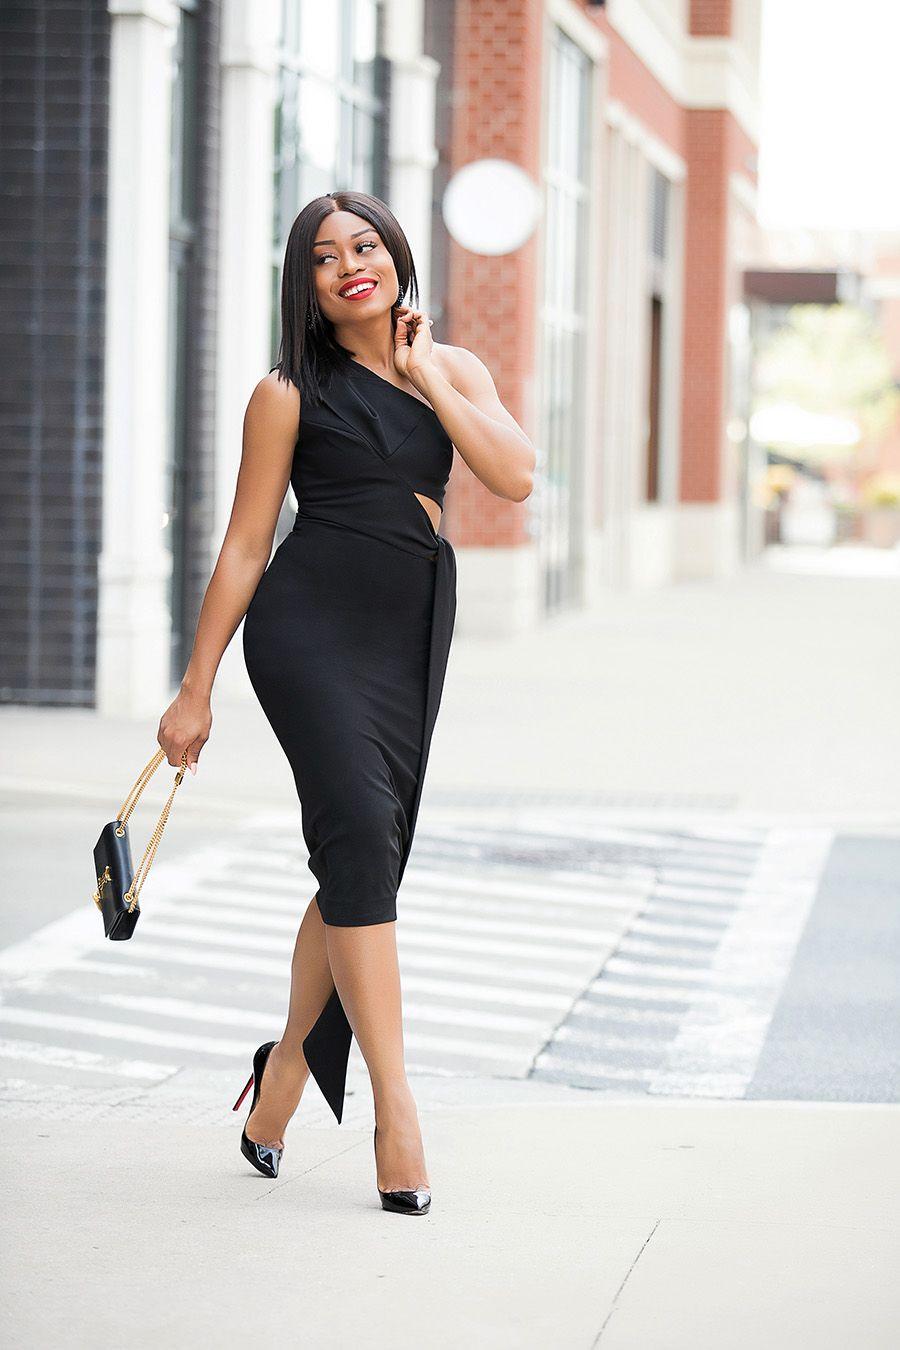 Summer Wedding Black Dress Www Jadore Fashion Com Fashion Black Fashion Bloggers Curvy Fashion